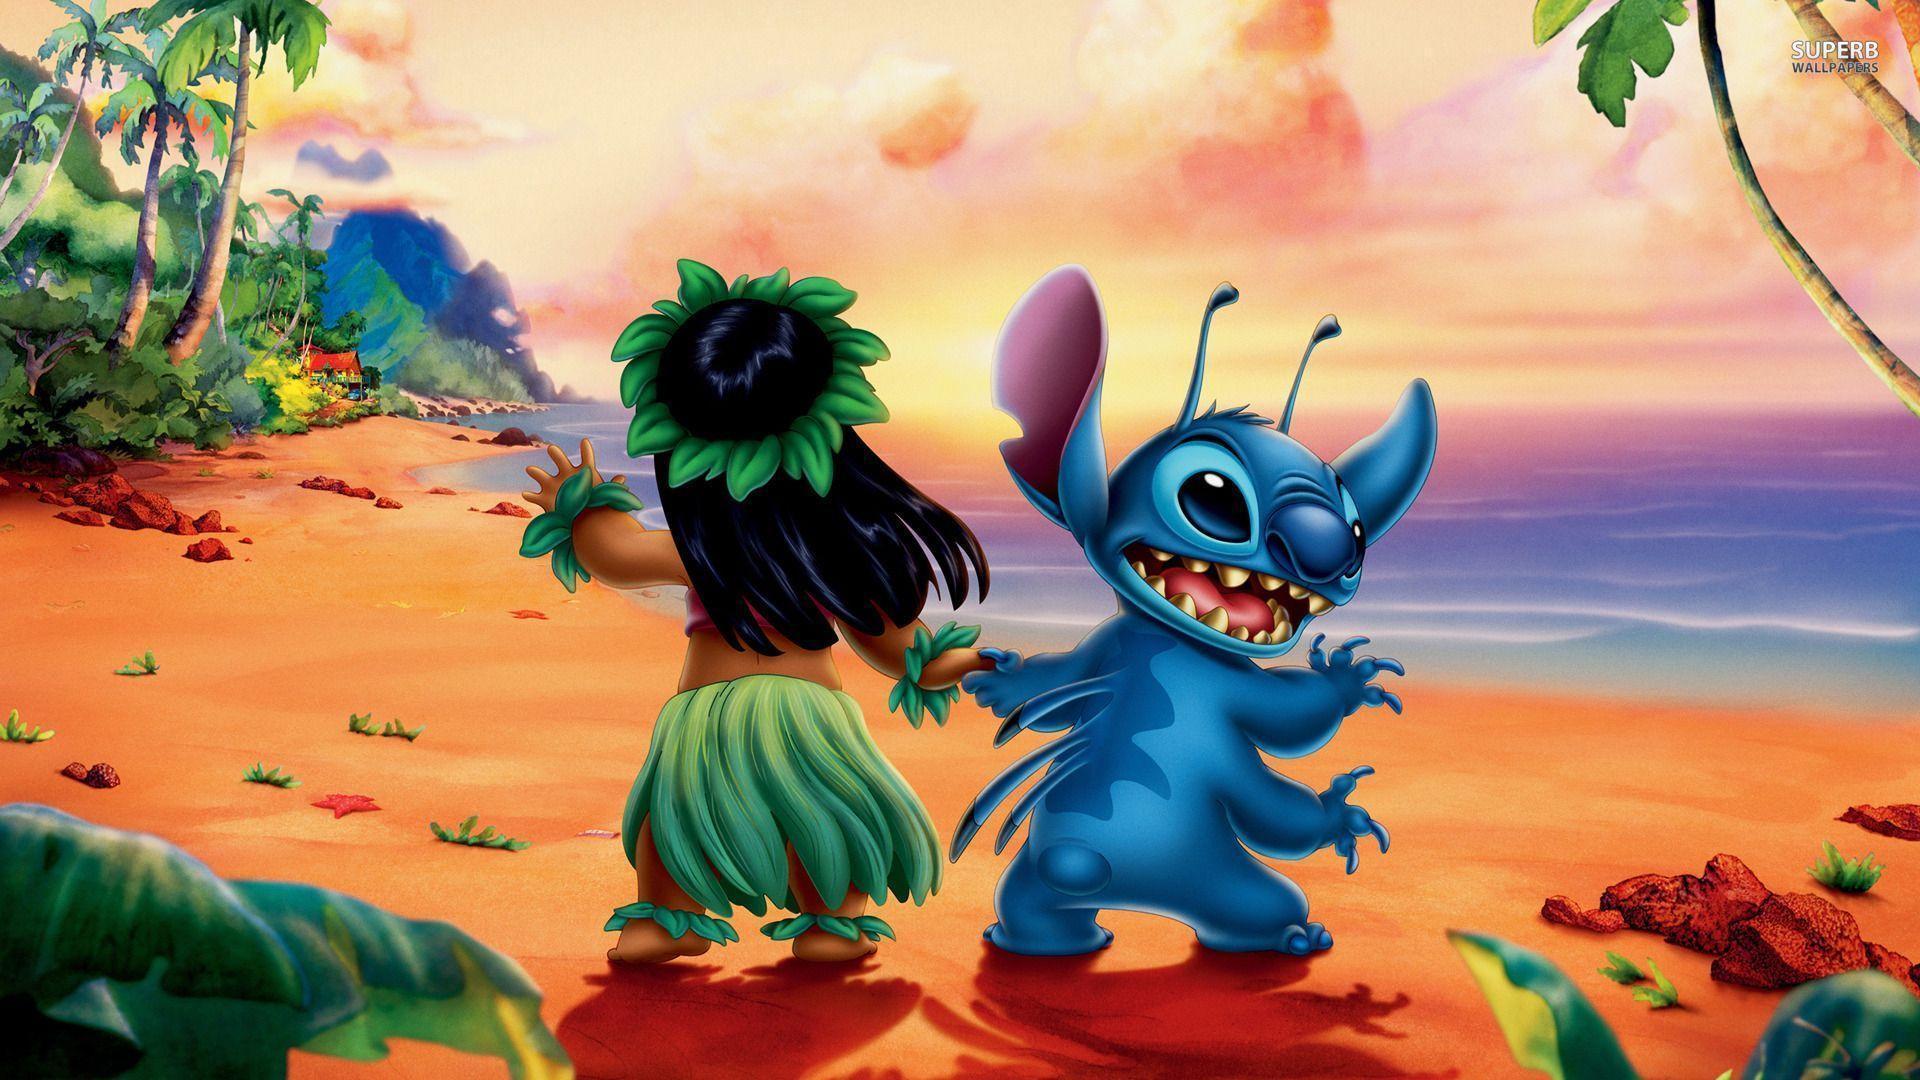 Wallpaper Lilo & Stitch